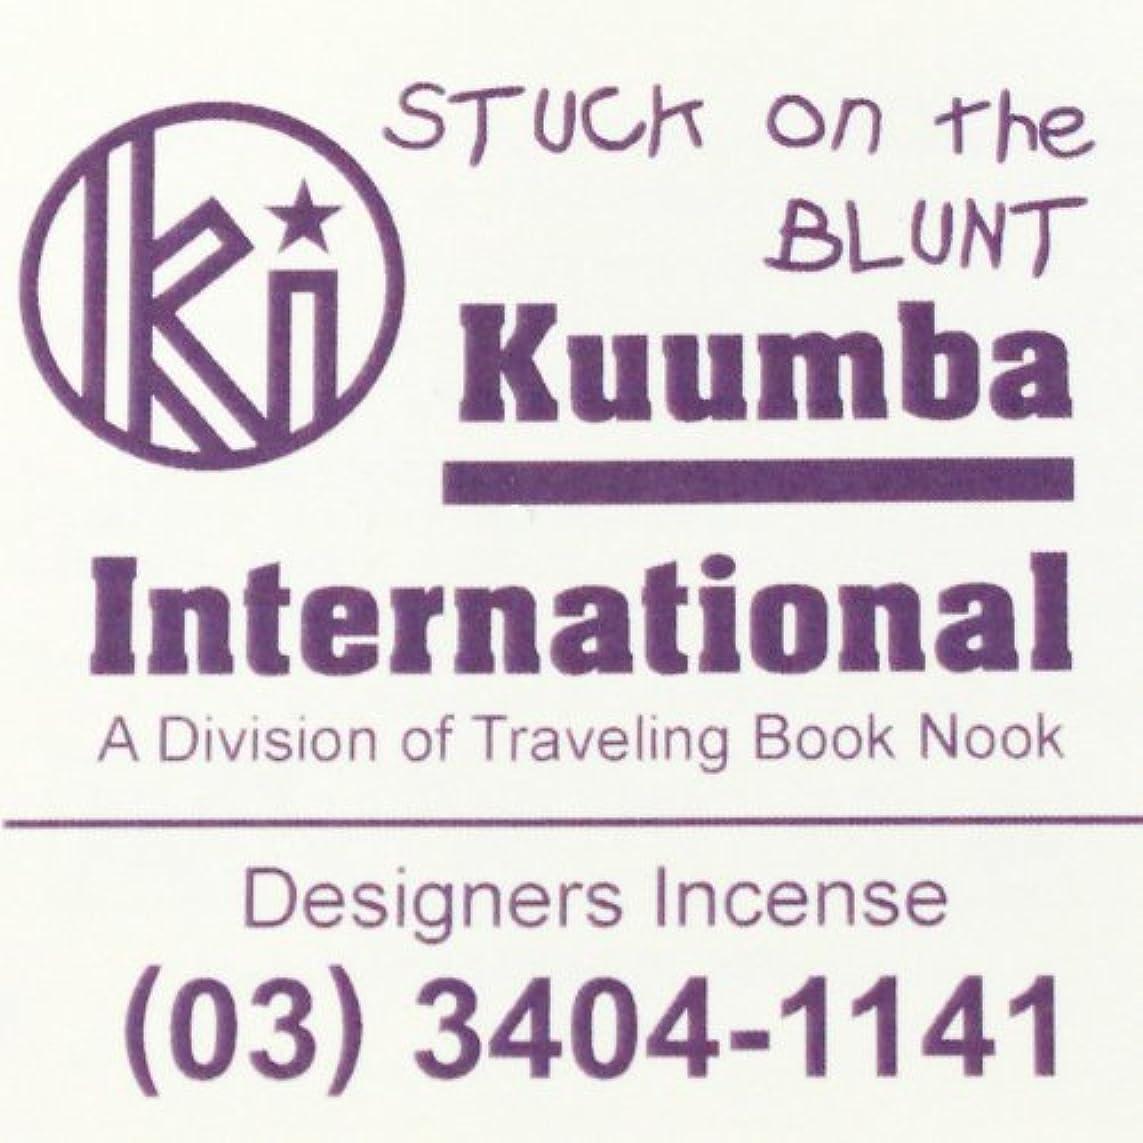 鹿もっと相互接続(クンバ) KUUMBA『incense』(STUCK on the BLUNT) (Regular size)